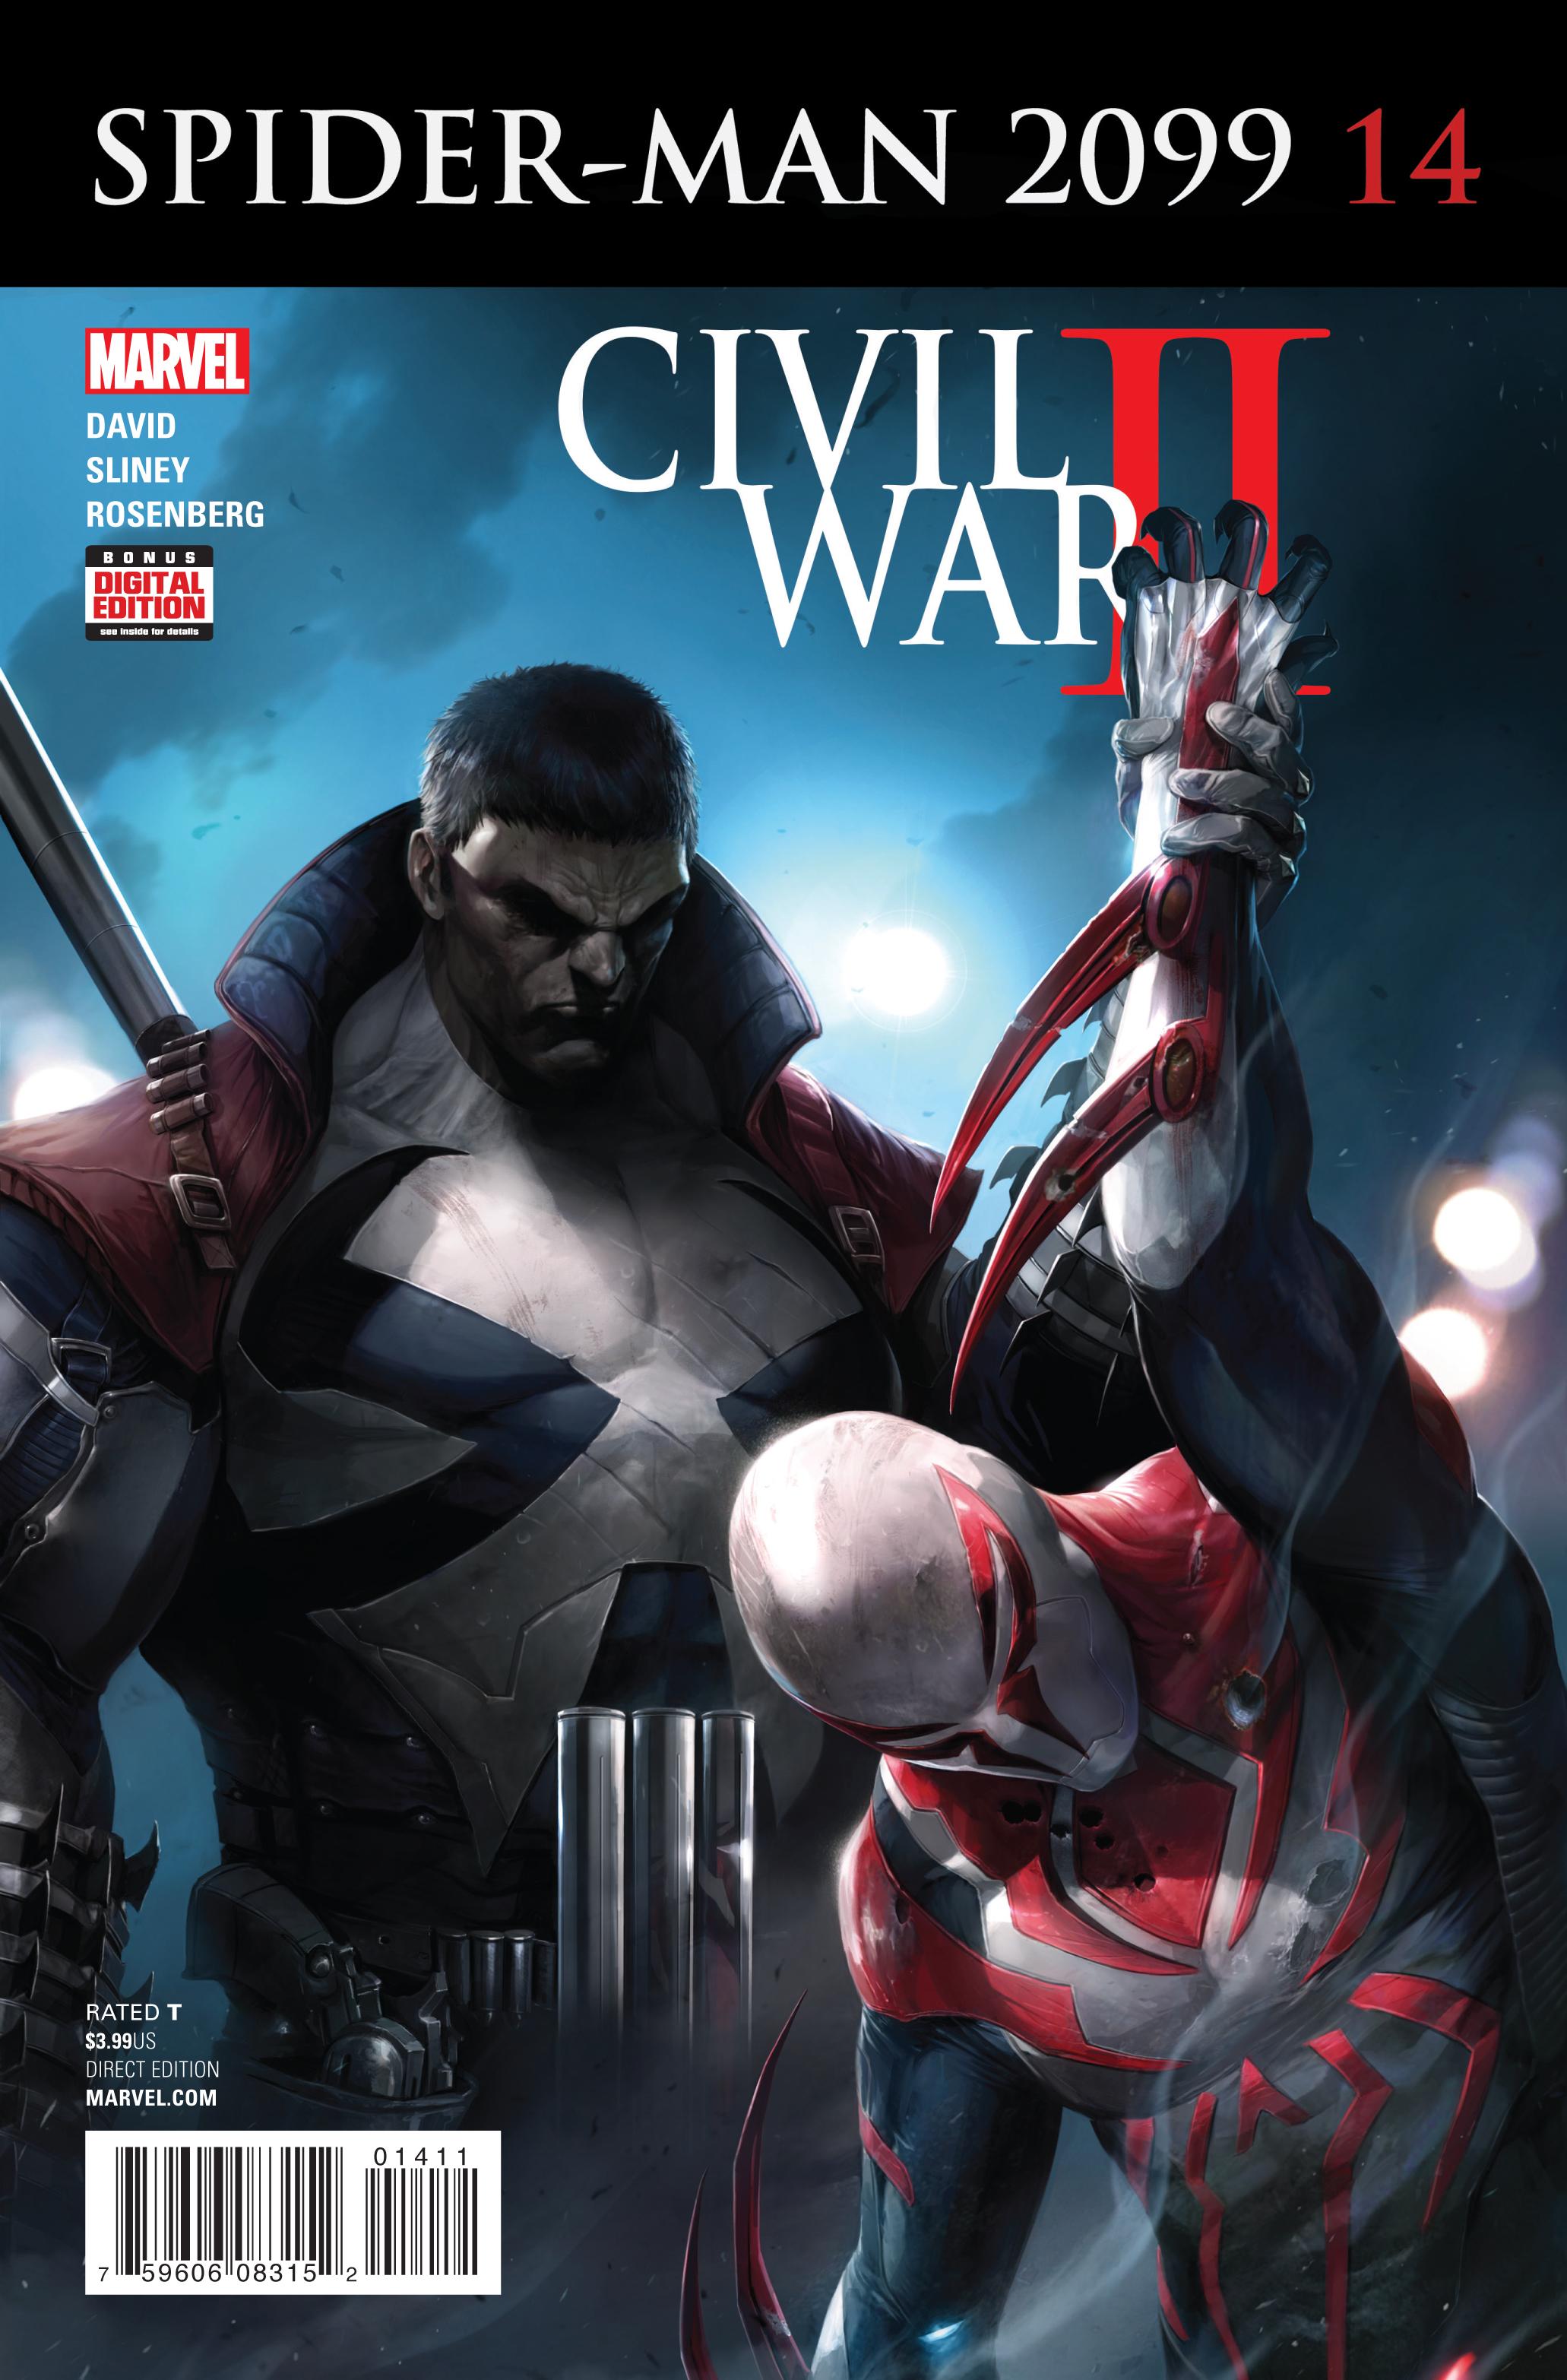 SPIDER-MAN 2099 #14 CW2